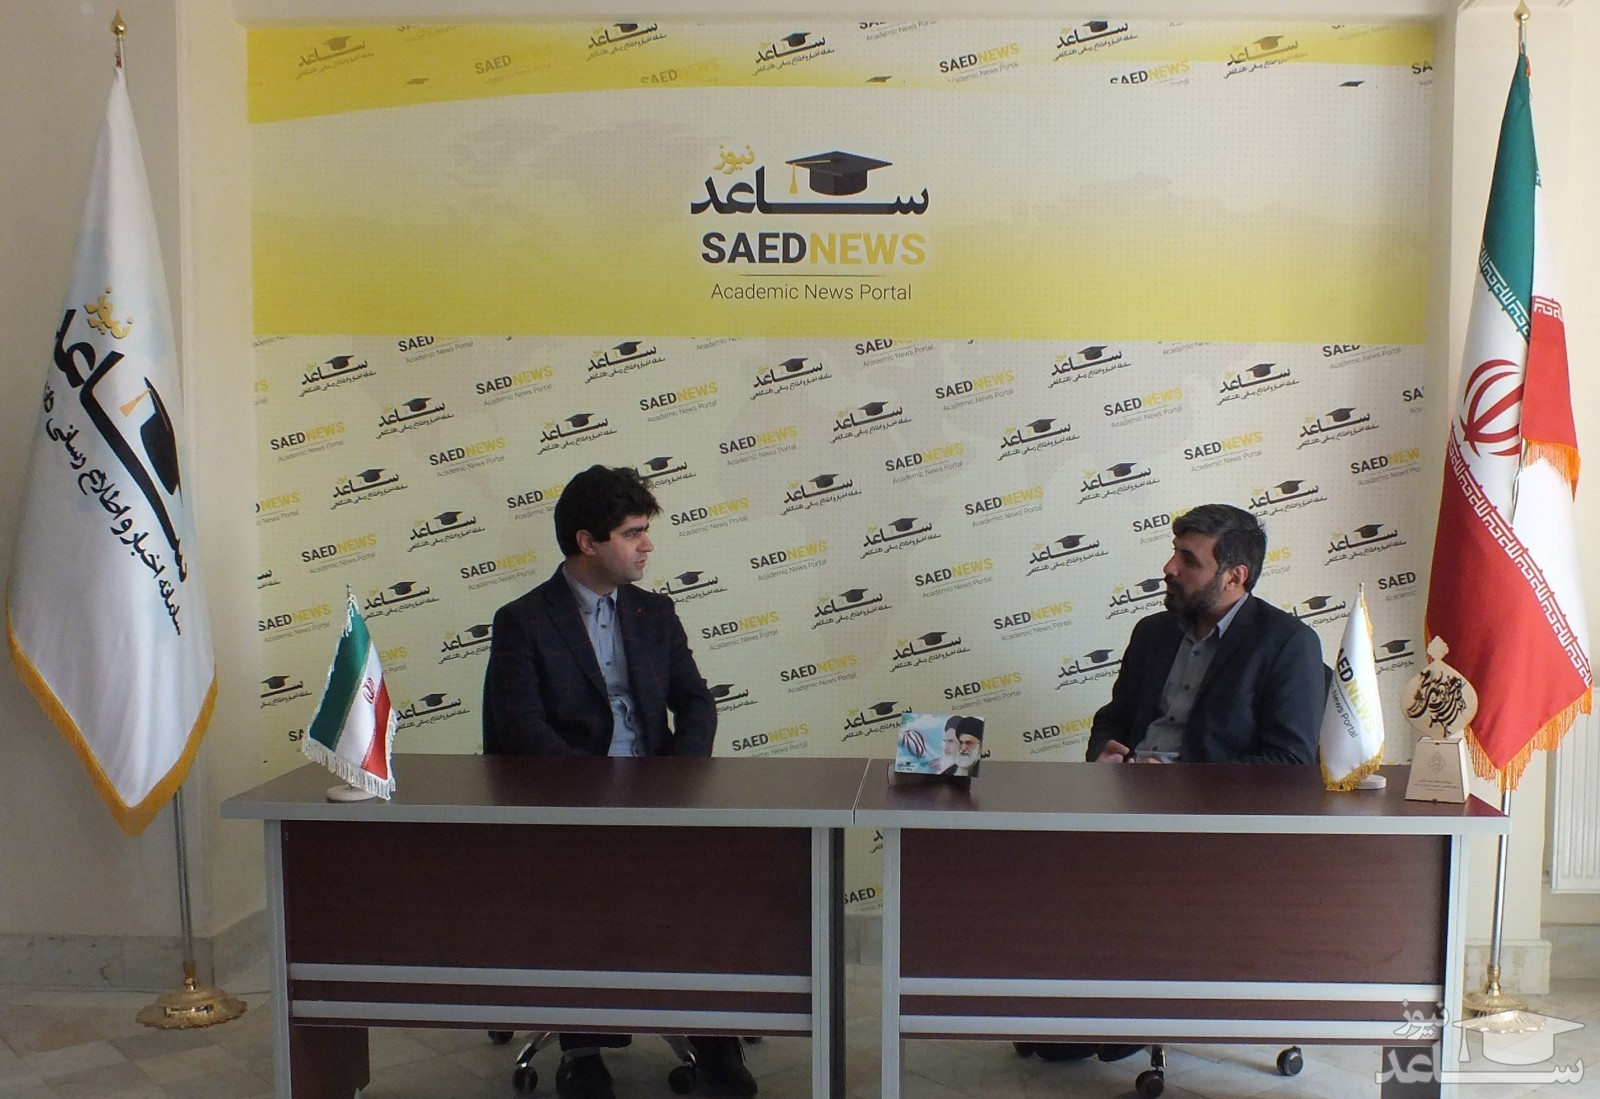 گزارش تصویری از بازدید جناب آقای دکتری بصیری (ریاست محترم بسیج رسانه کشور) از پایگاه خبری ساعدنیوز